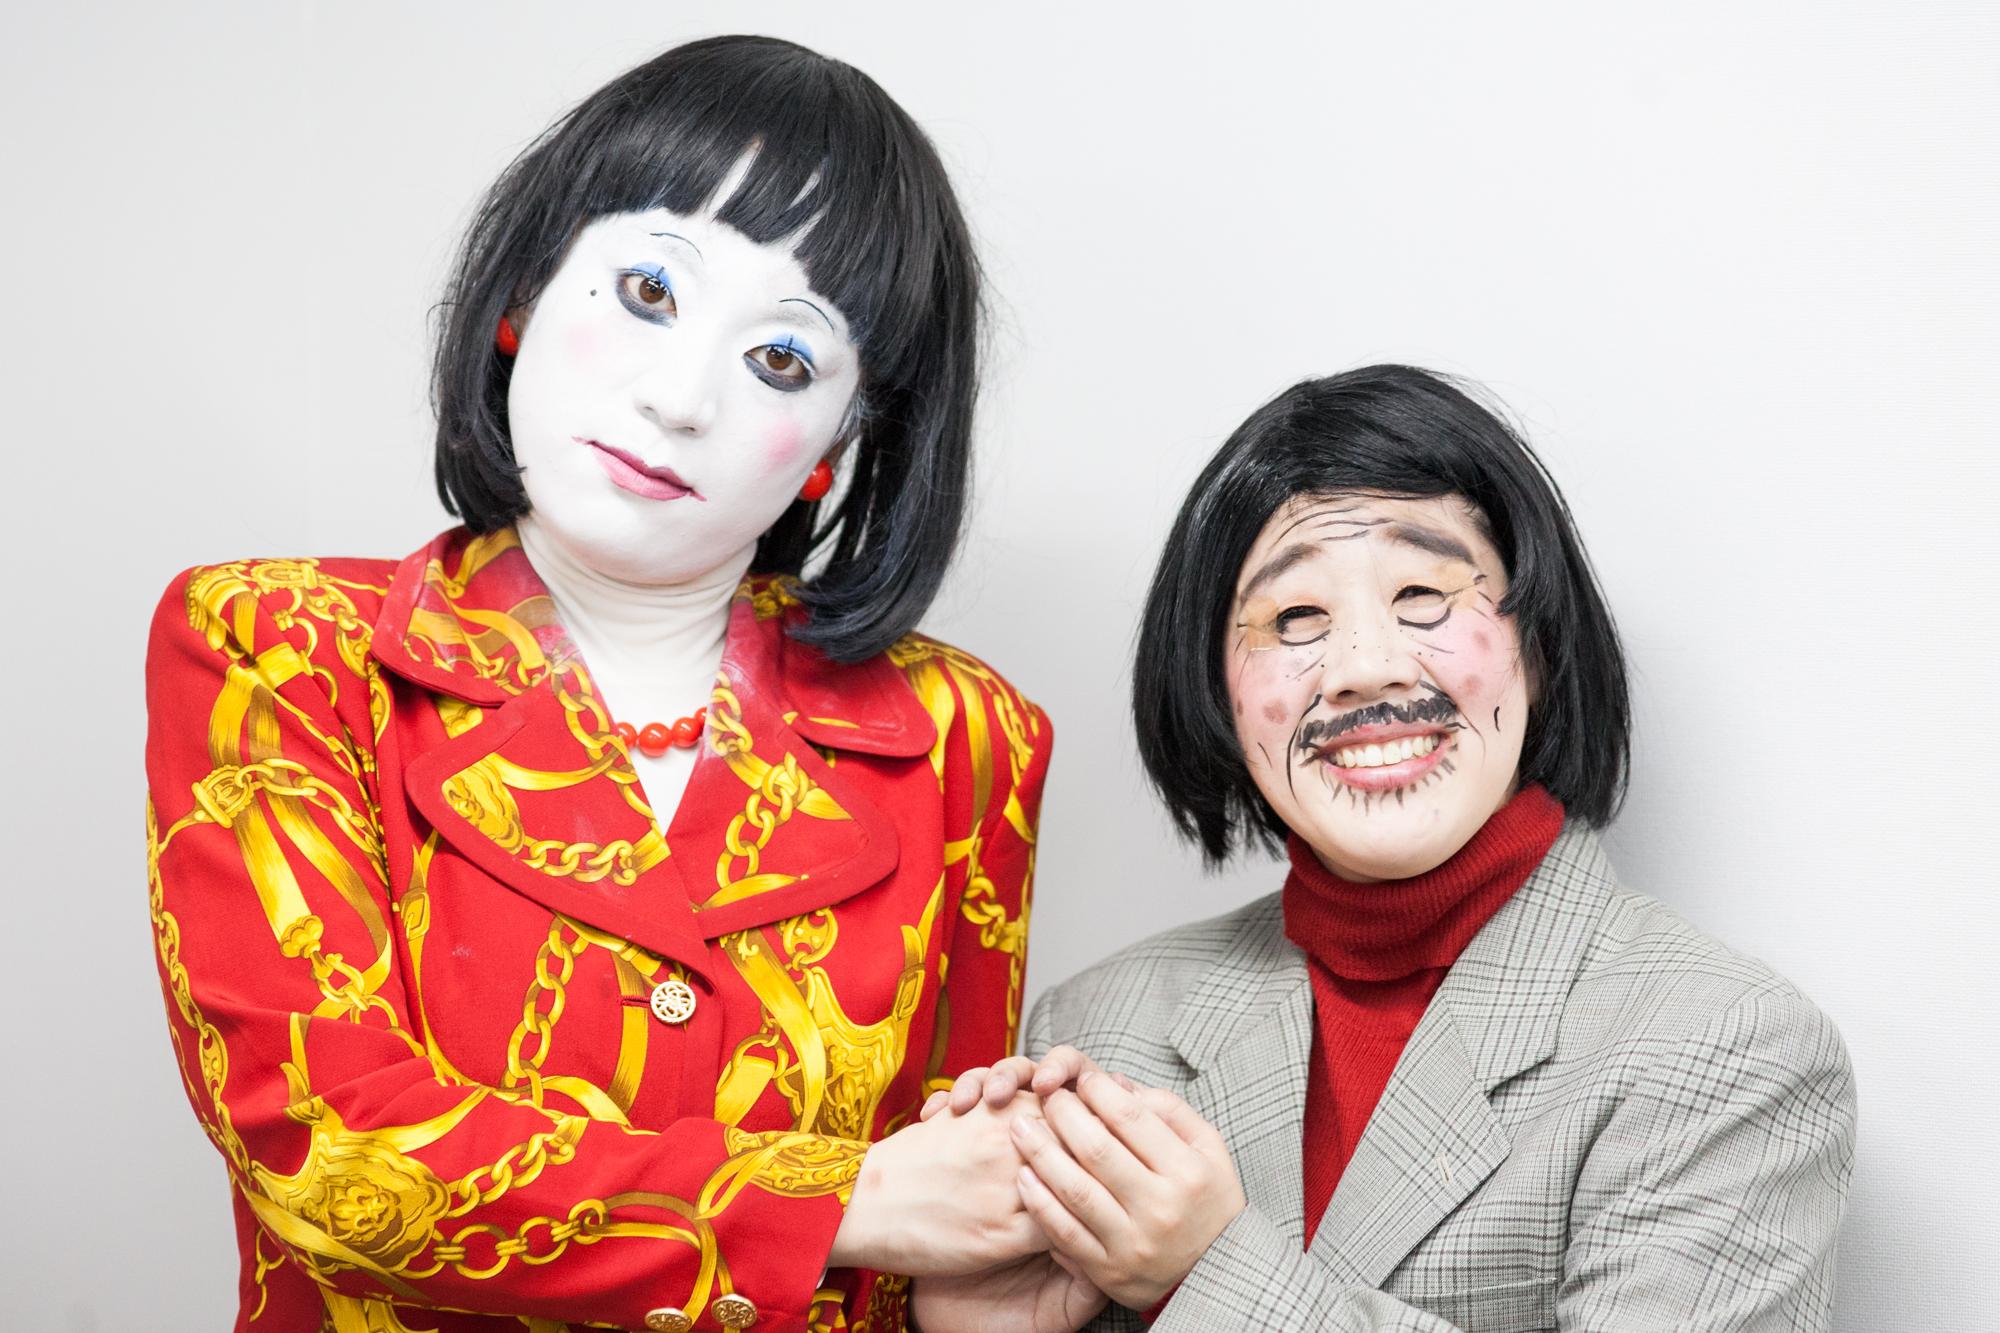 実は意外と可愛いと話題!日本エレキテル連合の素顔を覗いてみた!のサムネイル画像